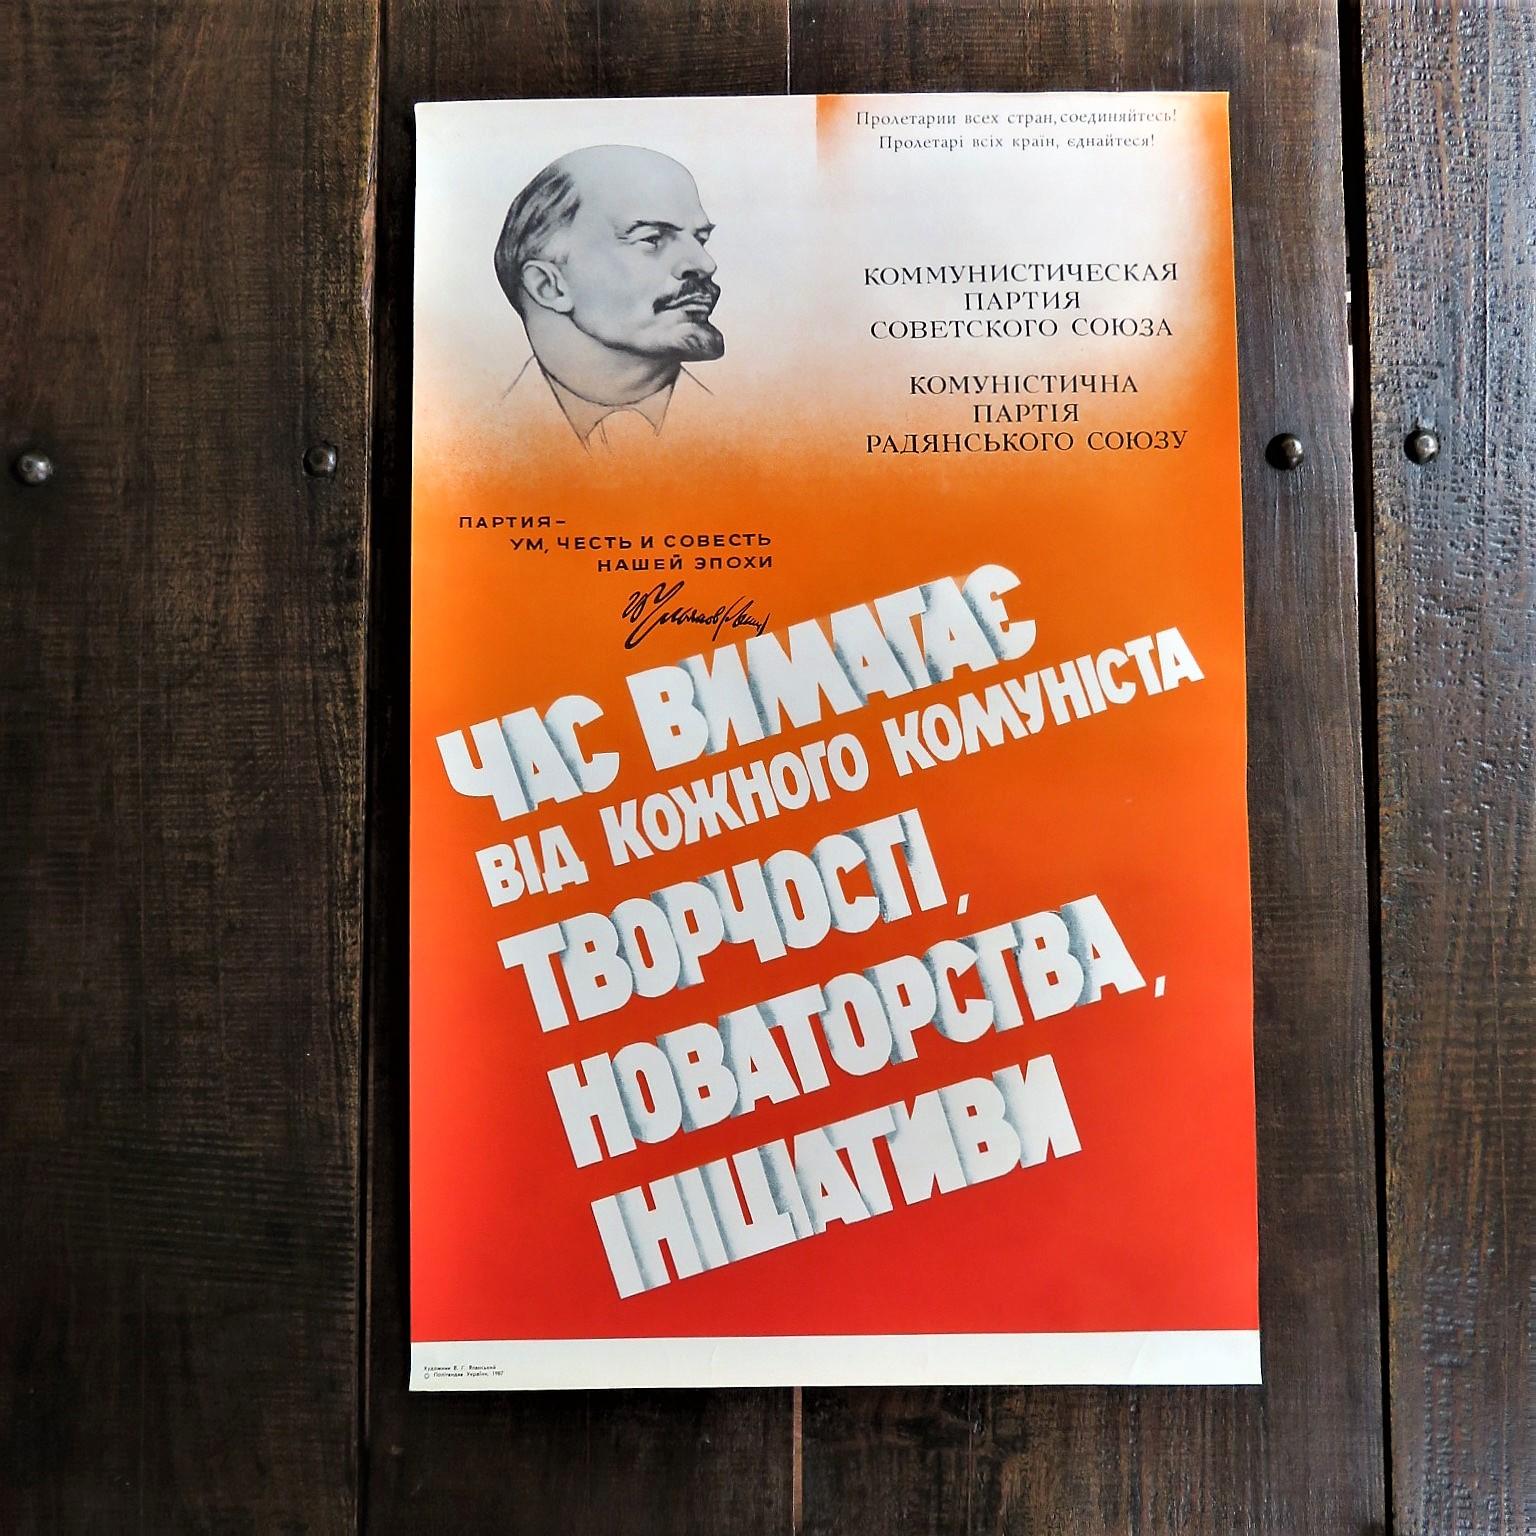 lenin-poster-1